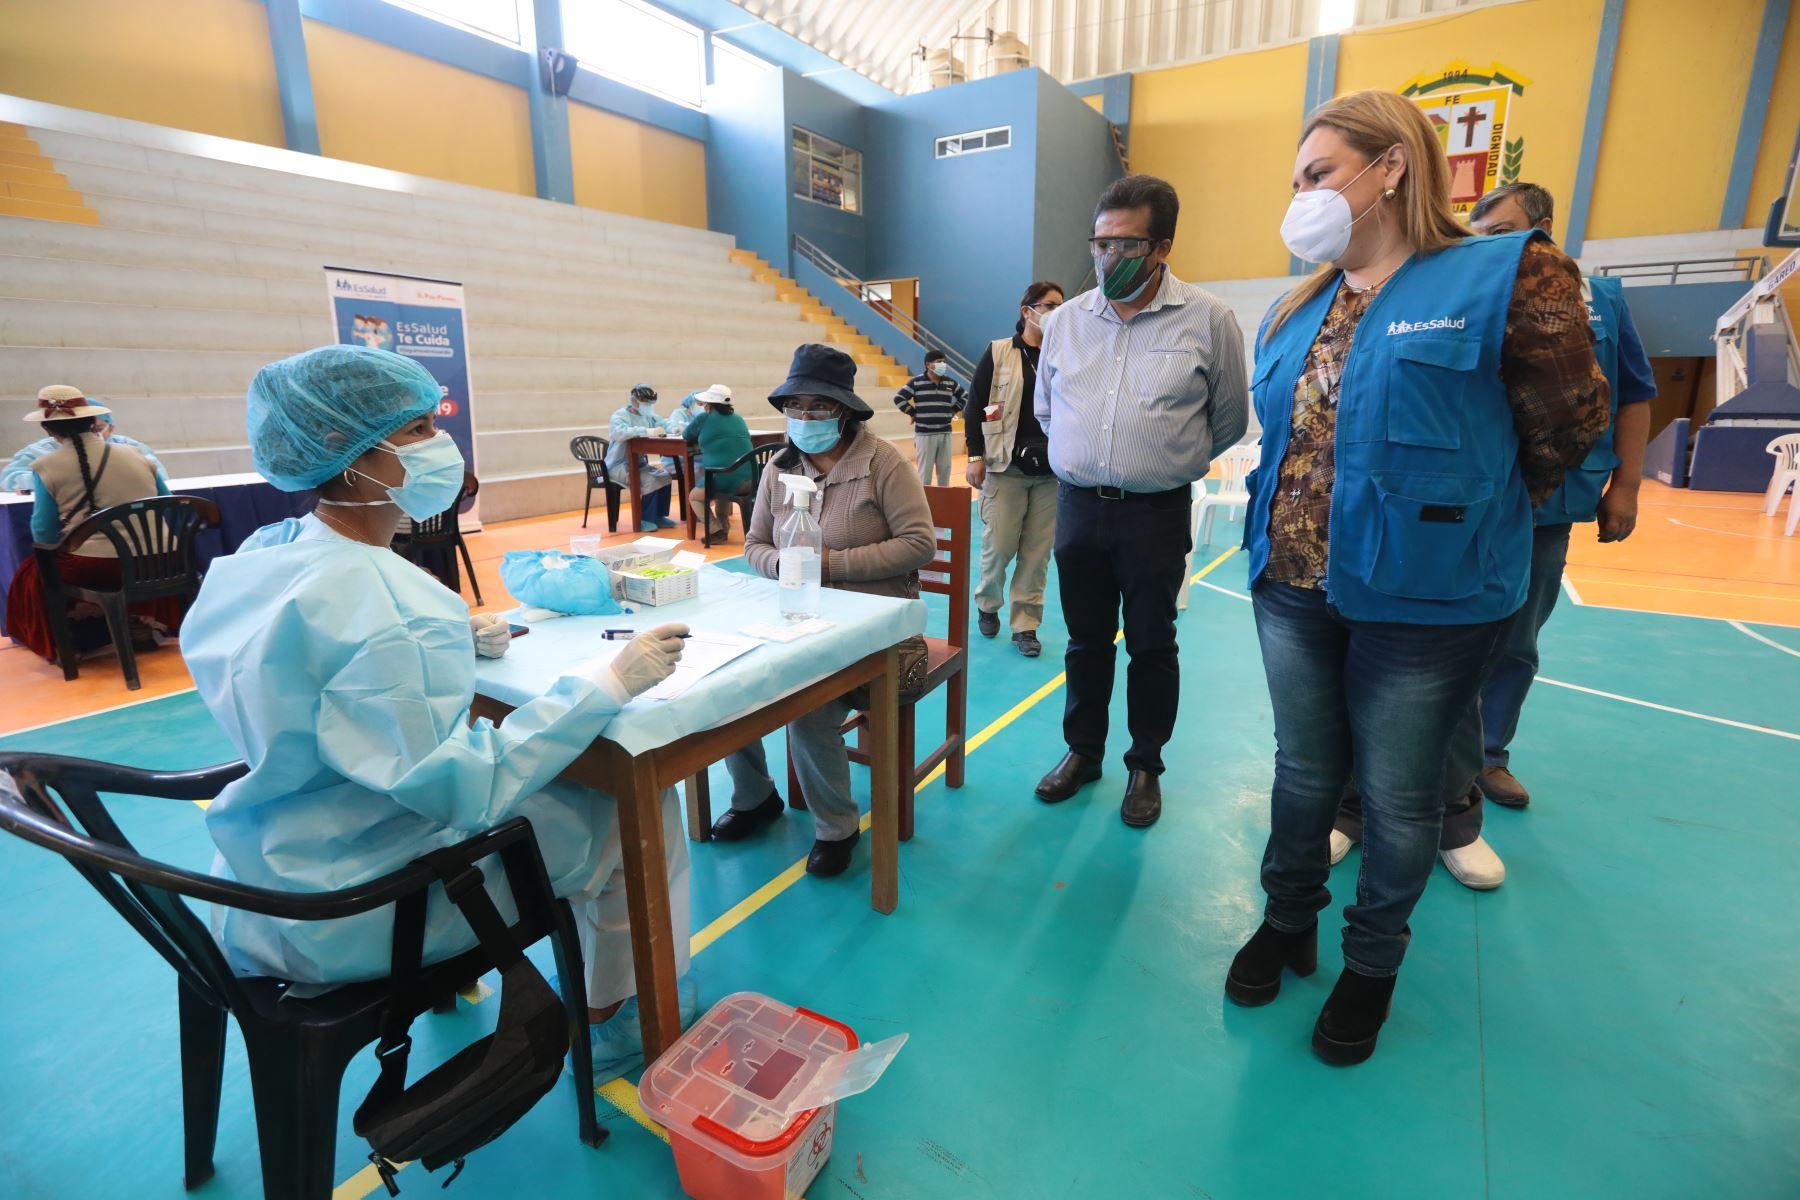 Presidenta ejecutiva de Essalud participa en campaña de detección del virus con 1500 pruebas rápidas y kit covid-19 para el tratamiento temprano de los casos en la región Moquegua. Foto: Essalud